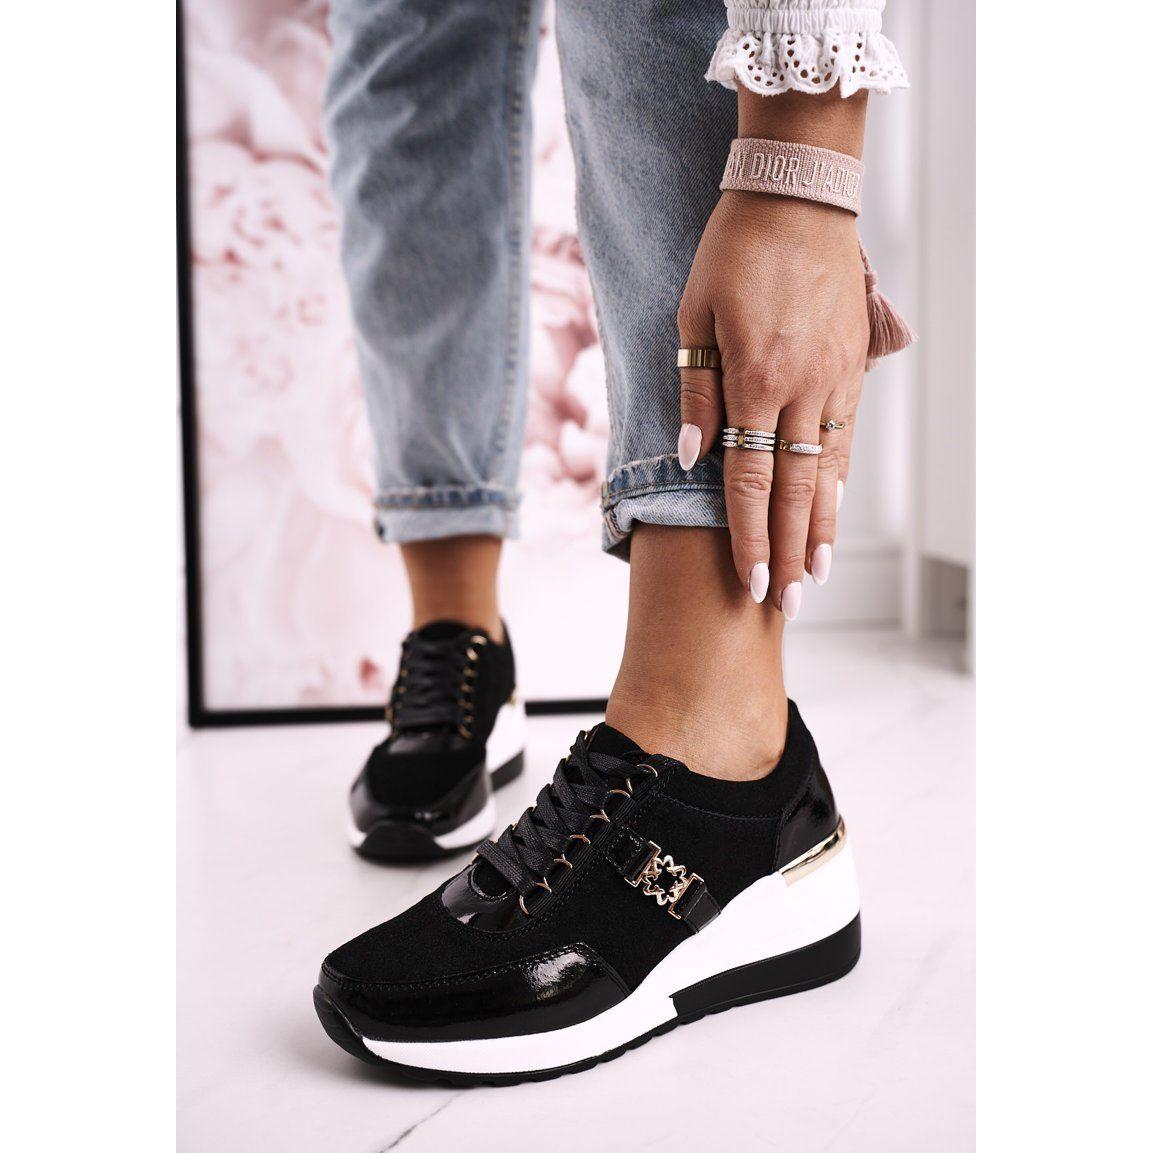 S Barski Damskie Skorzane Sneakersy Na Koturnie Czarne Zlote Roxette Zloty In 2021 All Black Sneakers Black Sneaker Shoe Bag